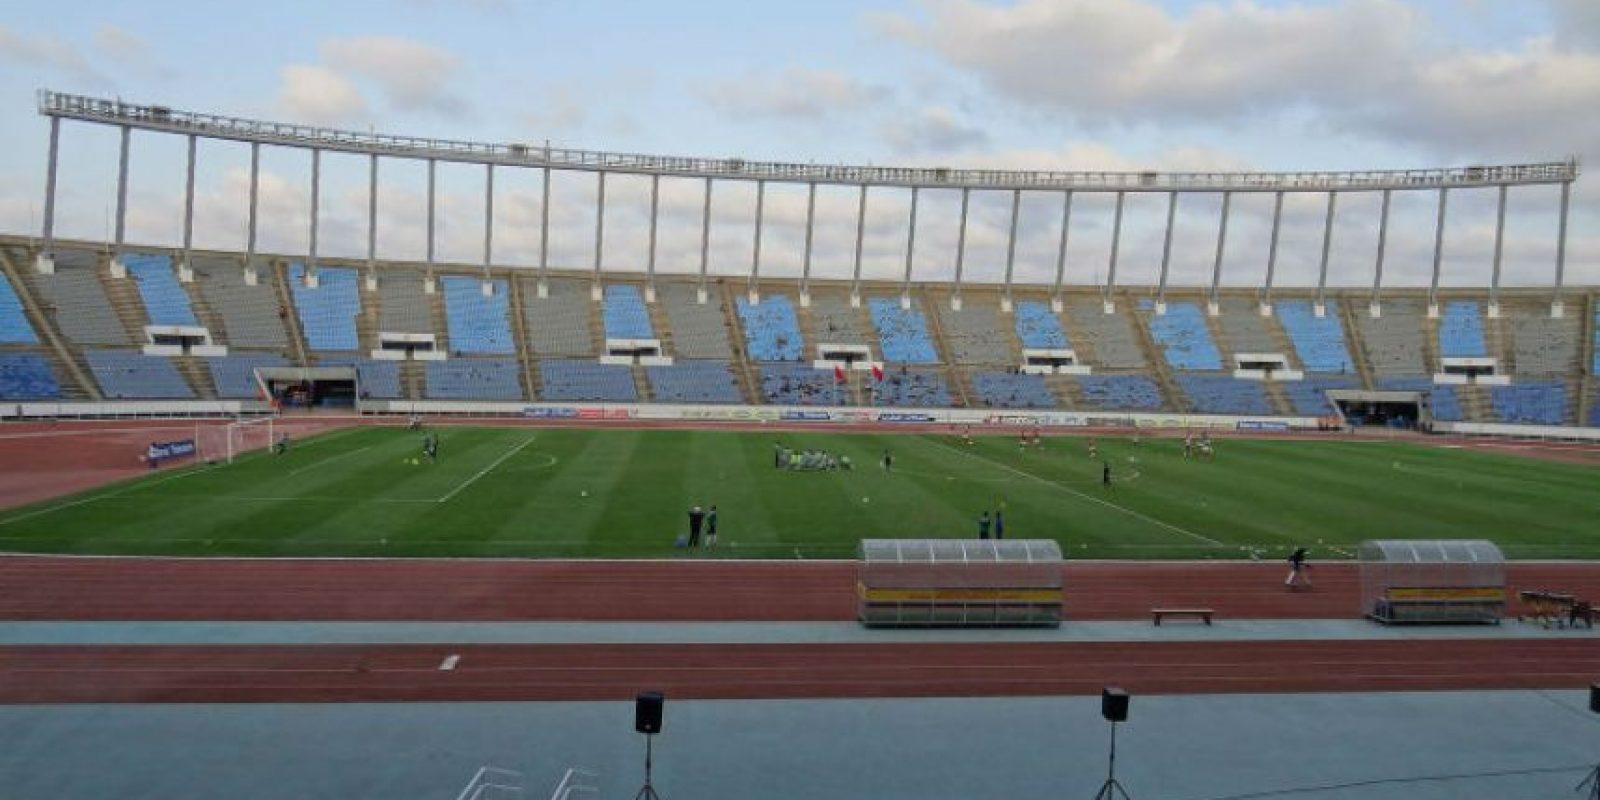 El estadio Moulay Abdell es una de las sedes de la competición. Foto:Agencias